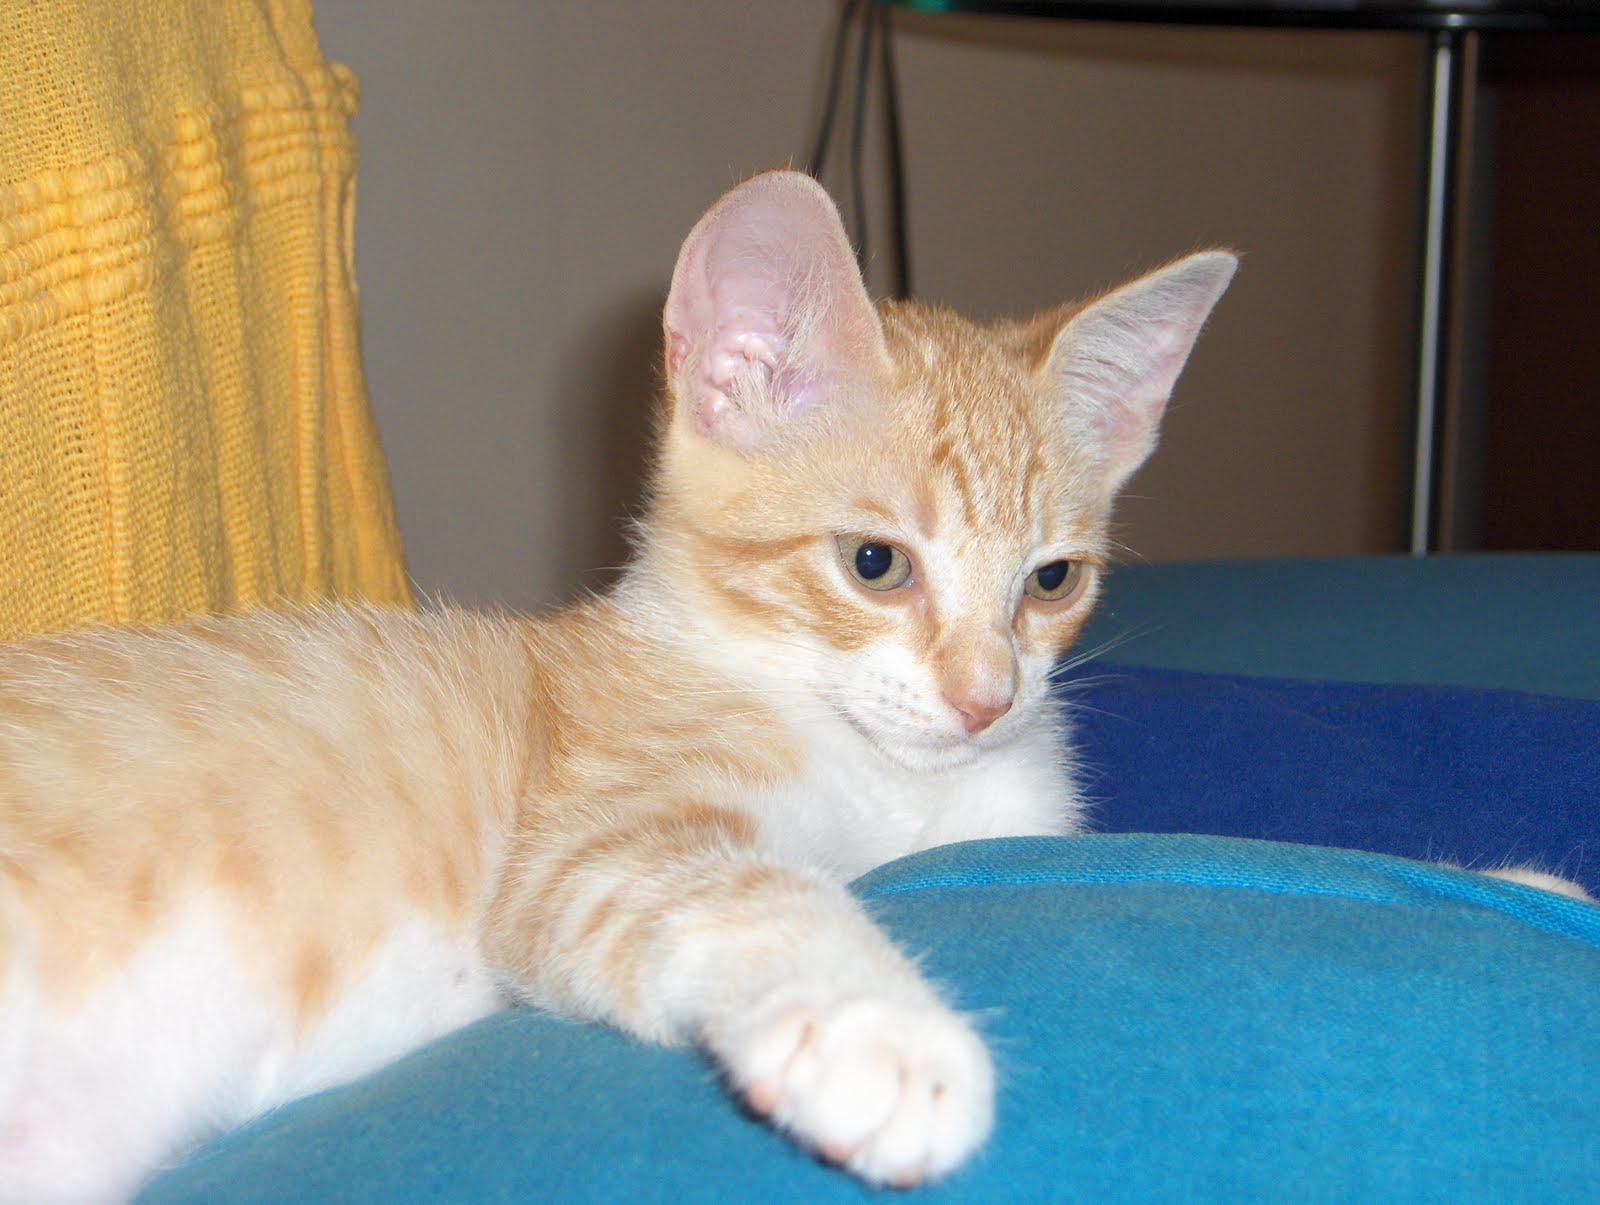 Entre todos los que había, la vista se nos paró en un gatito de dos meses, amarillo y blanco. Desde que la cogí en brazos supimos que era ella,